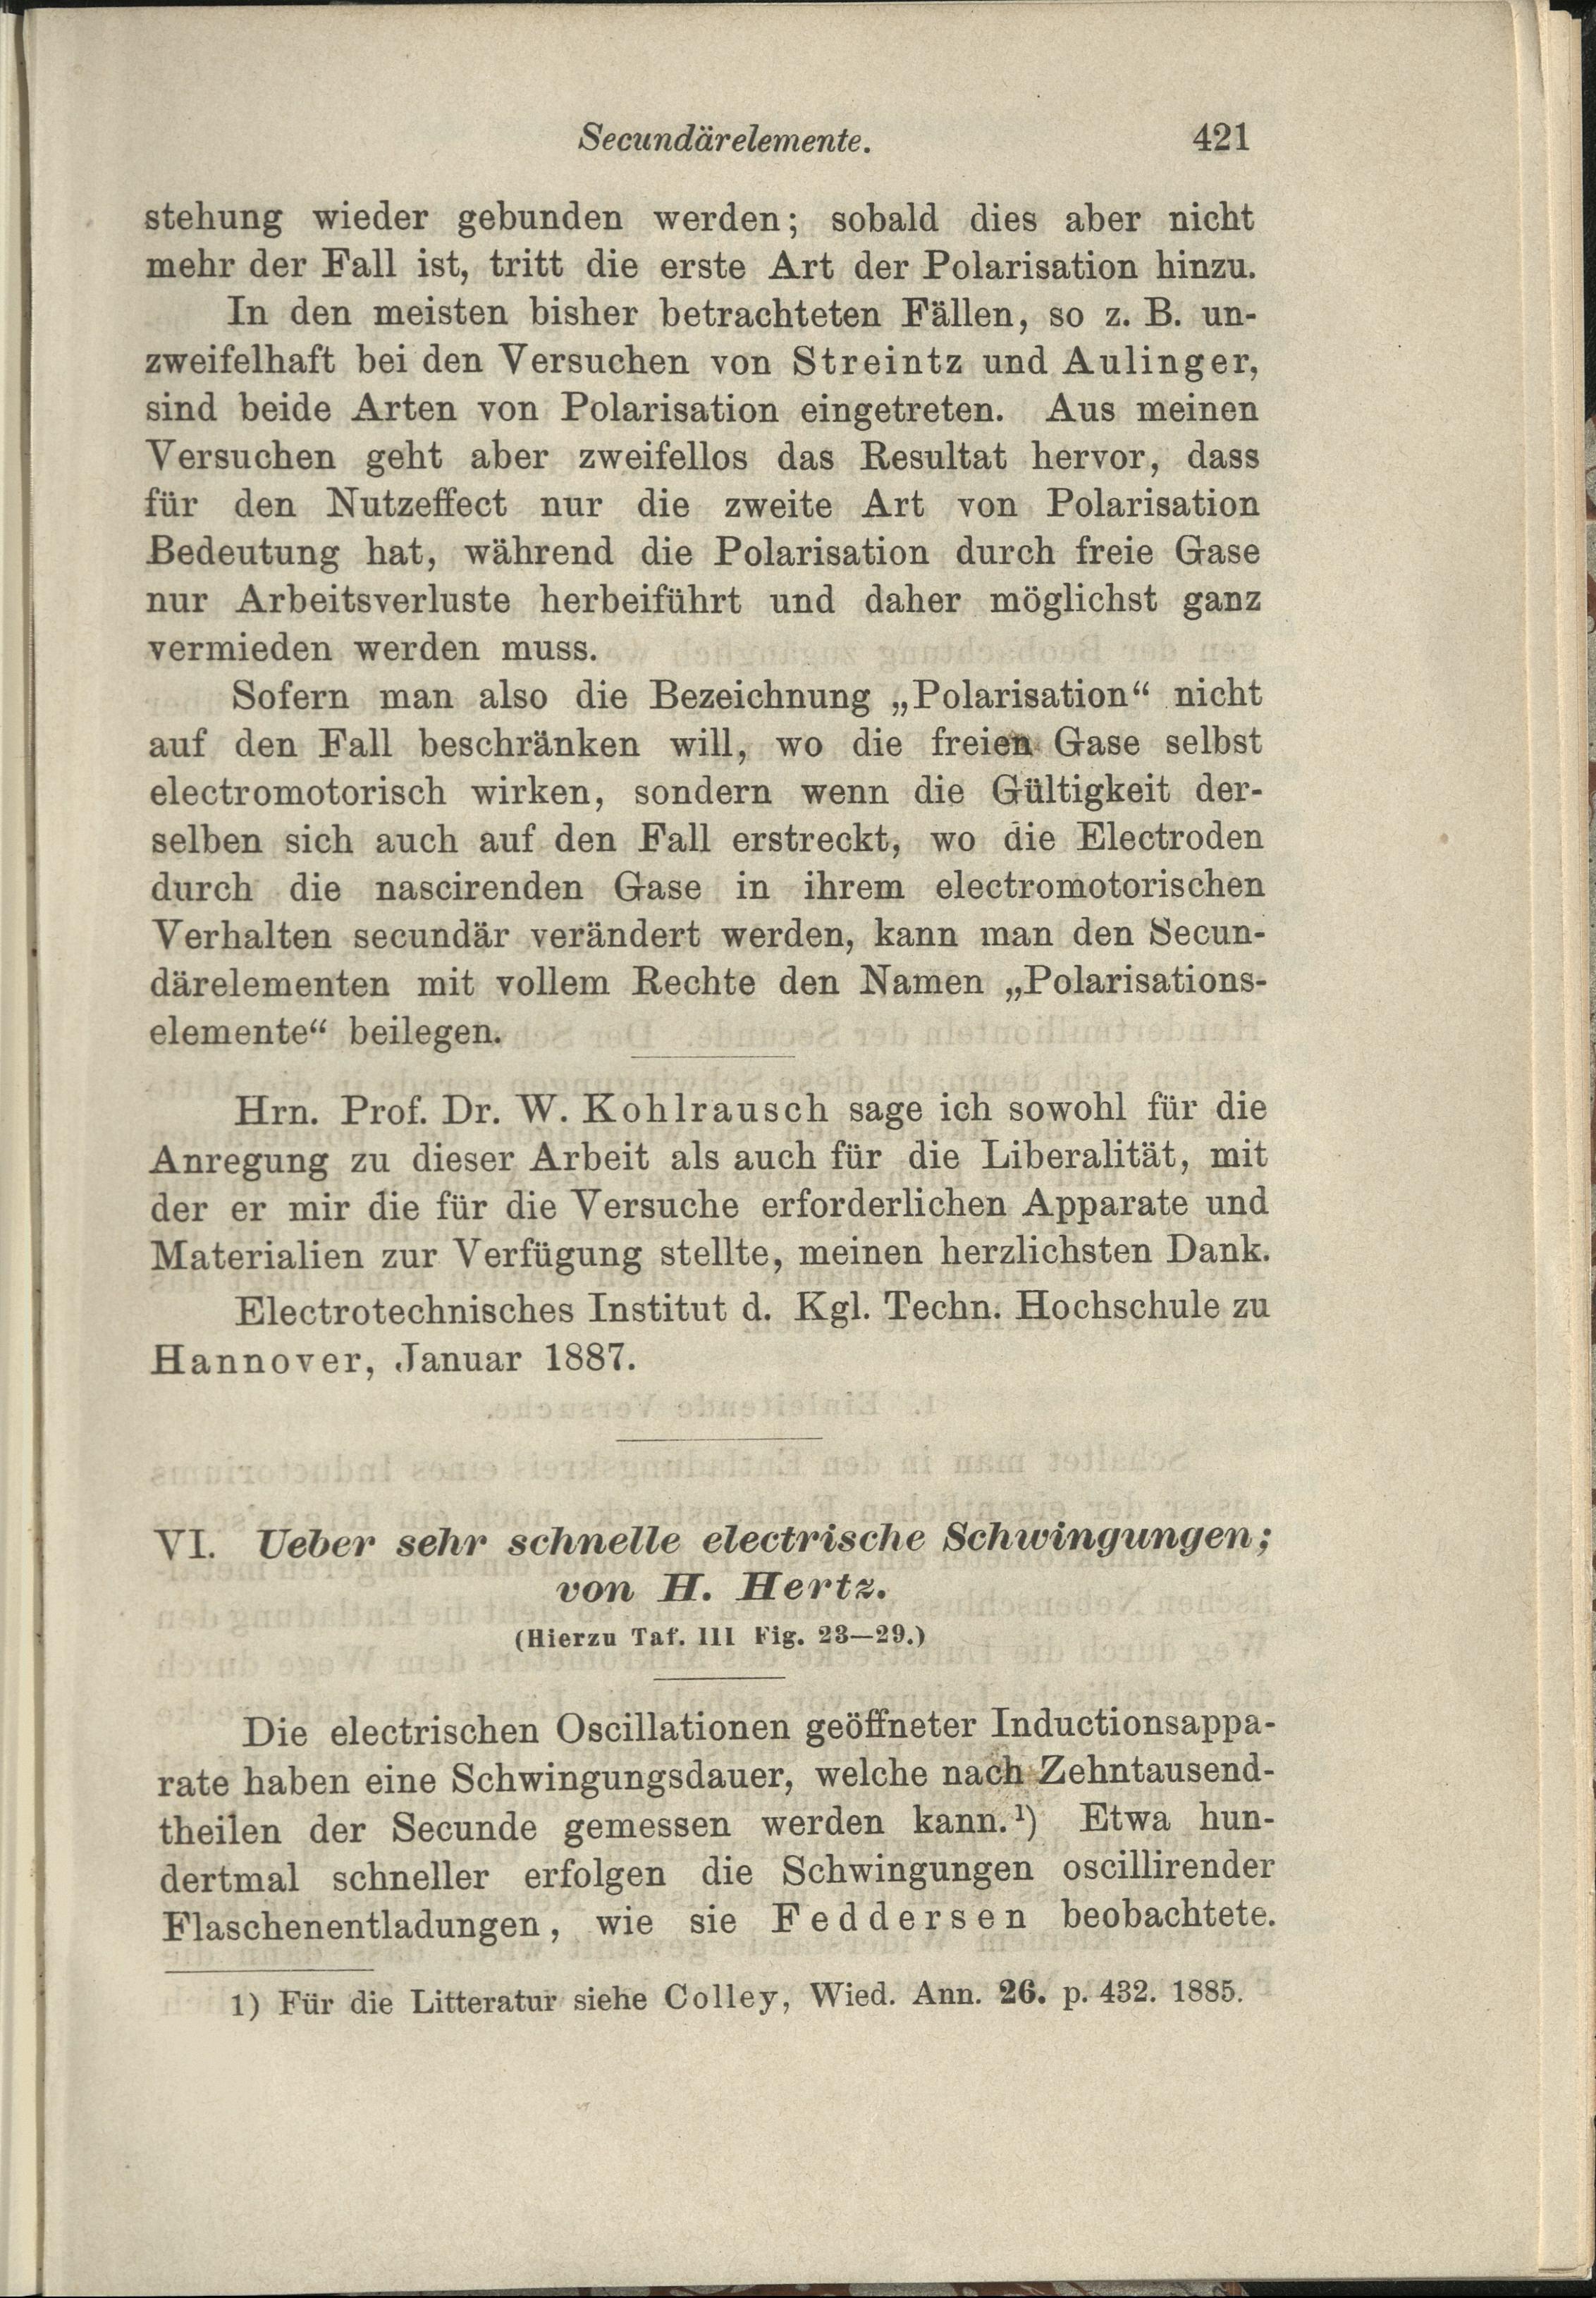 ヘルツの原著論文を読み解き、学問の本質に触れる「原著から本質を学ぶ科学技術講座」第16回を11月9日開催